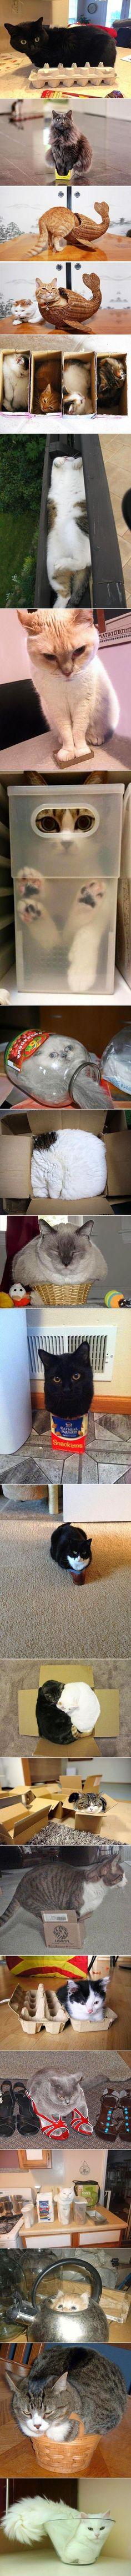 Ein Karton...da muss ich rein...Katzen...immer